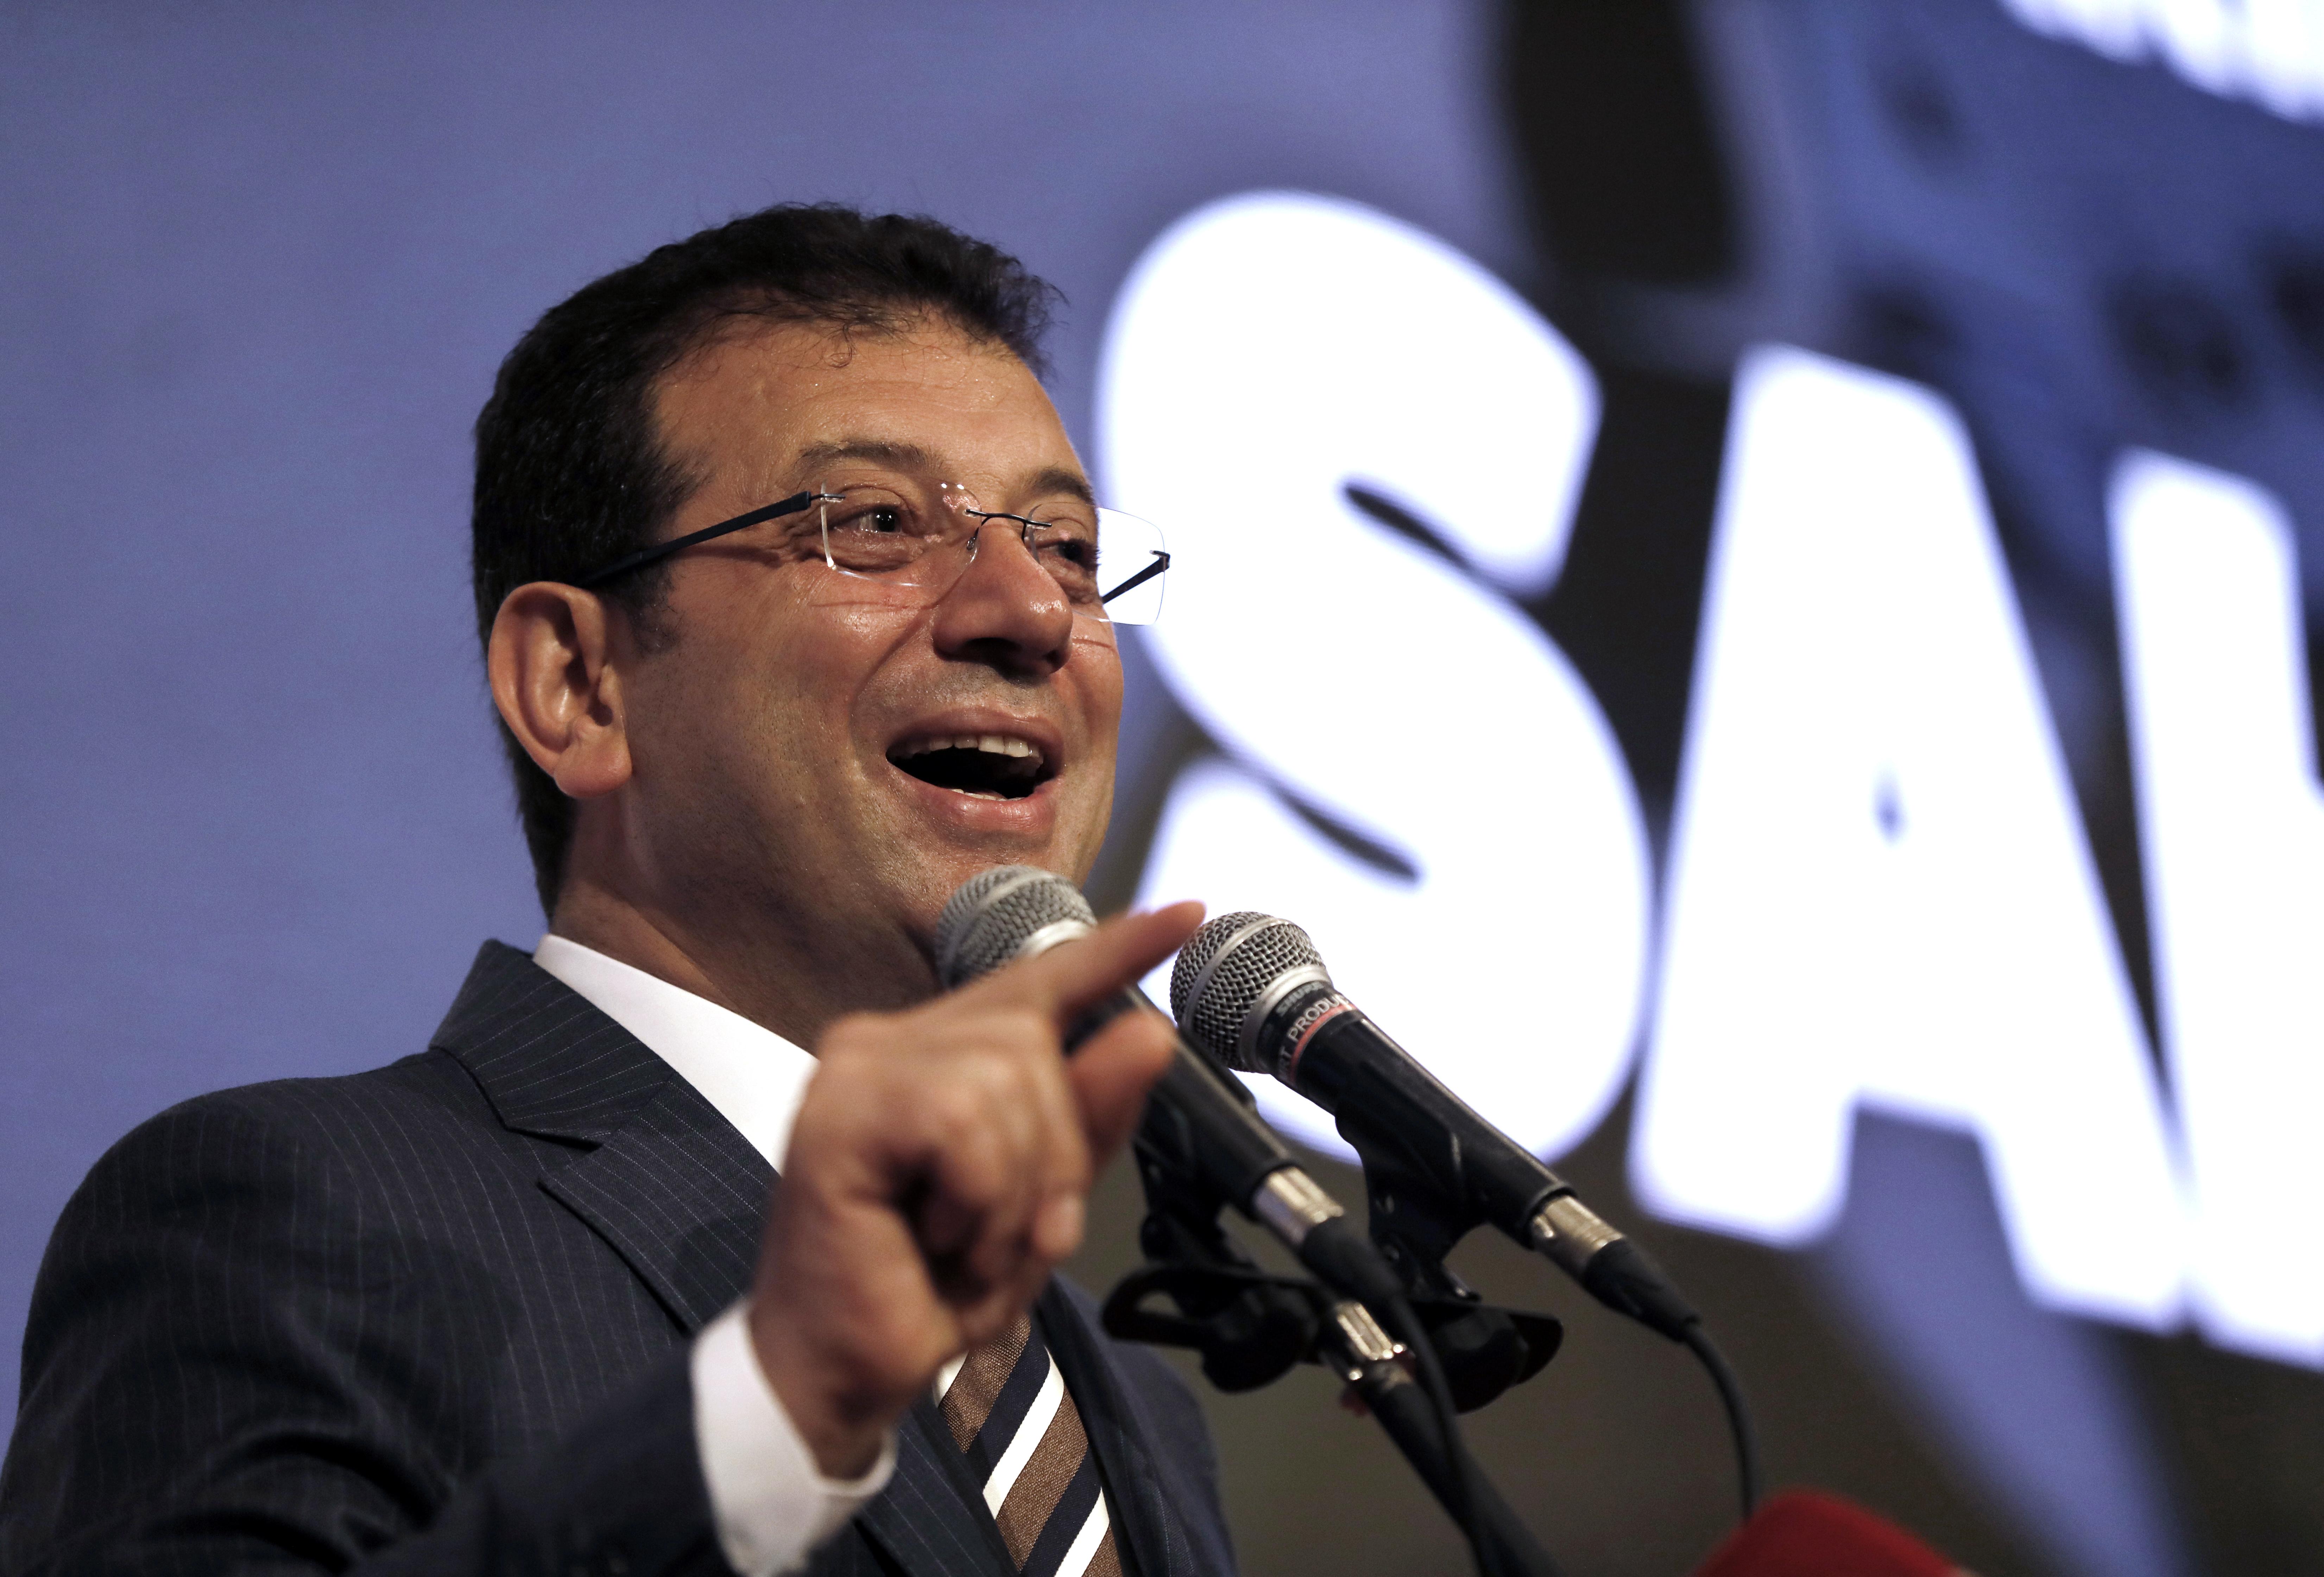 市長選舉輸一次不夠還可以輸第二次!土耳其市長選舉執政黨慘遭雙重打臉